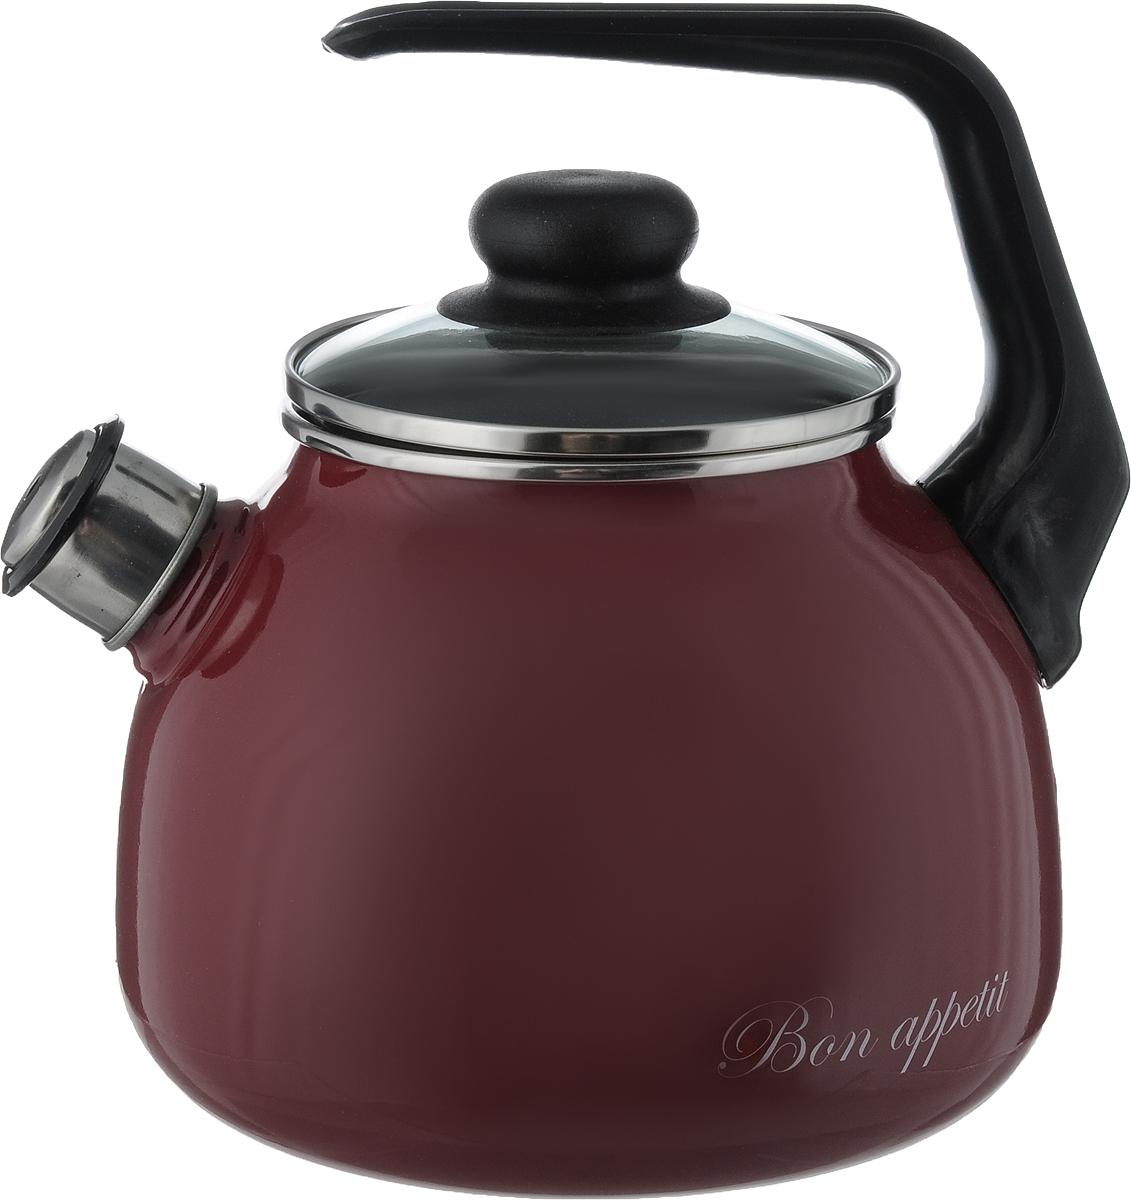 Чайник Vitross Bon Appetit, со свистком, цвет: черный, вишневый, 3 л1RС12Чайник Vitross Bon Appetit изготовлен из высококачественной нержавеющей стали с эмалированным покрытием. Нержавеющая сталь обладает высокой устойчивостью к коррозии, не вступает в реакцию с холодными и горячими продуктами и полностью сохраняет их вкусовые качества. Особая конструкция дна способствует высокой теплопроводности и равномерному распределению тепла. Чайник оснащен удобной ручкой. Носик чайника имеет снимающийся свисток, звуковой сигнал которого подскажет, когда закипит вода. Подходит для всех типов плит, включая индукционные. Можно мыть в посудомоечной машине. Диаметр чайника (по верхнему краю): 12,5 см. Высота чайника (без учета ручки и крышки): 14 см. Высота чайника (с учетом ручки): 24 см.